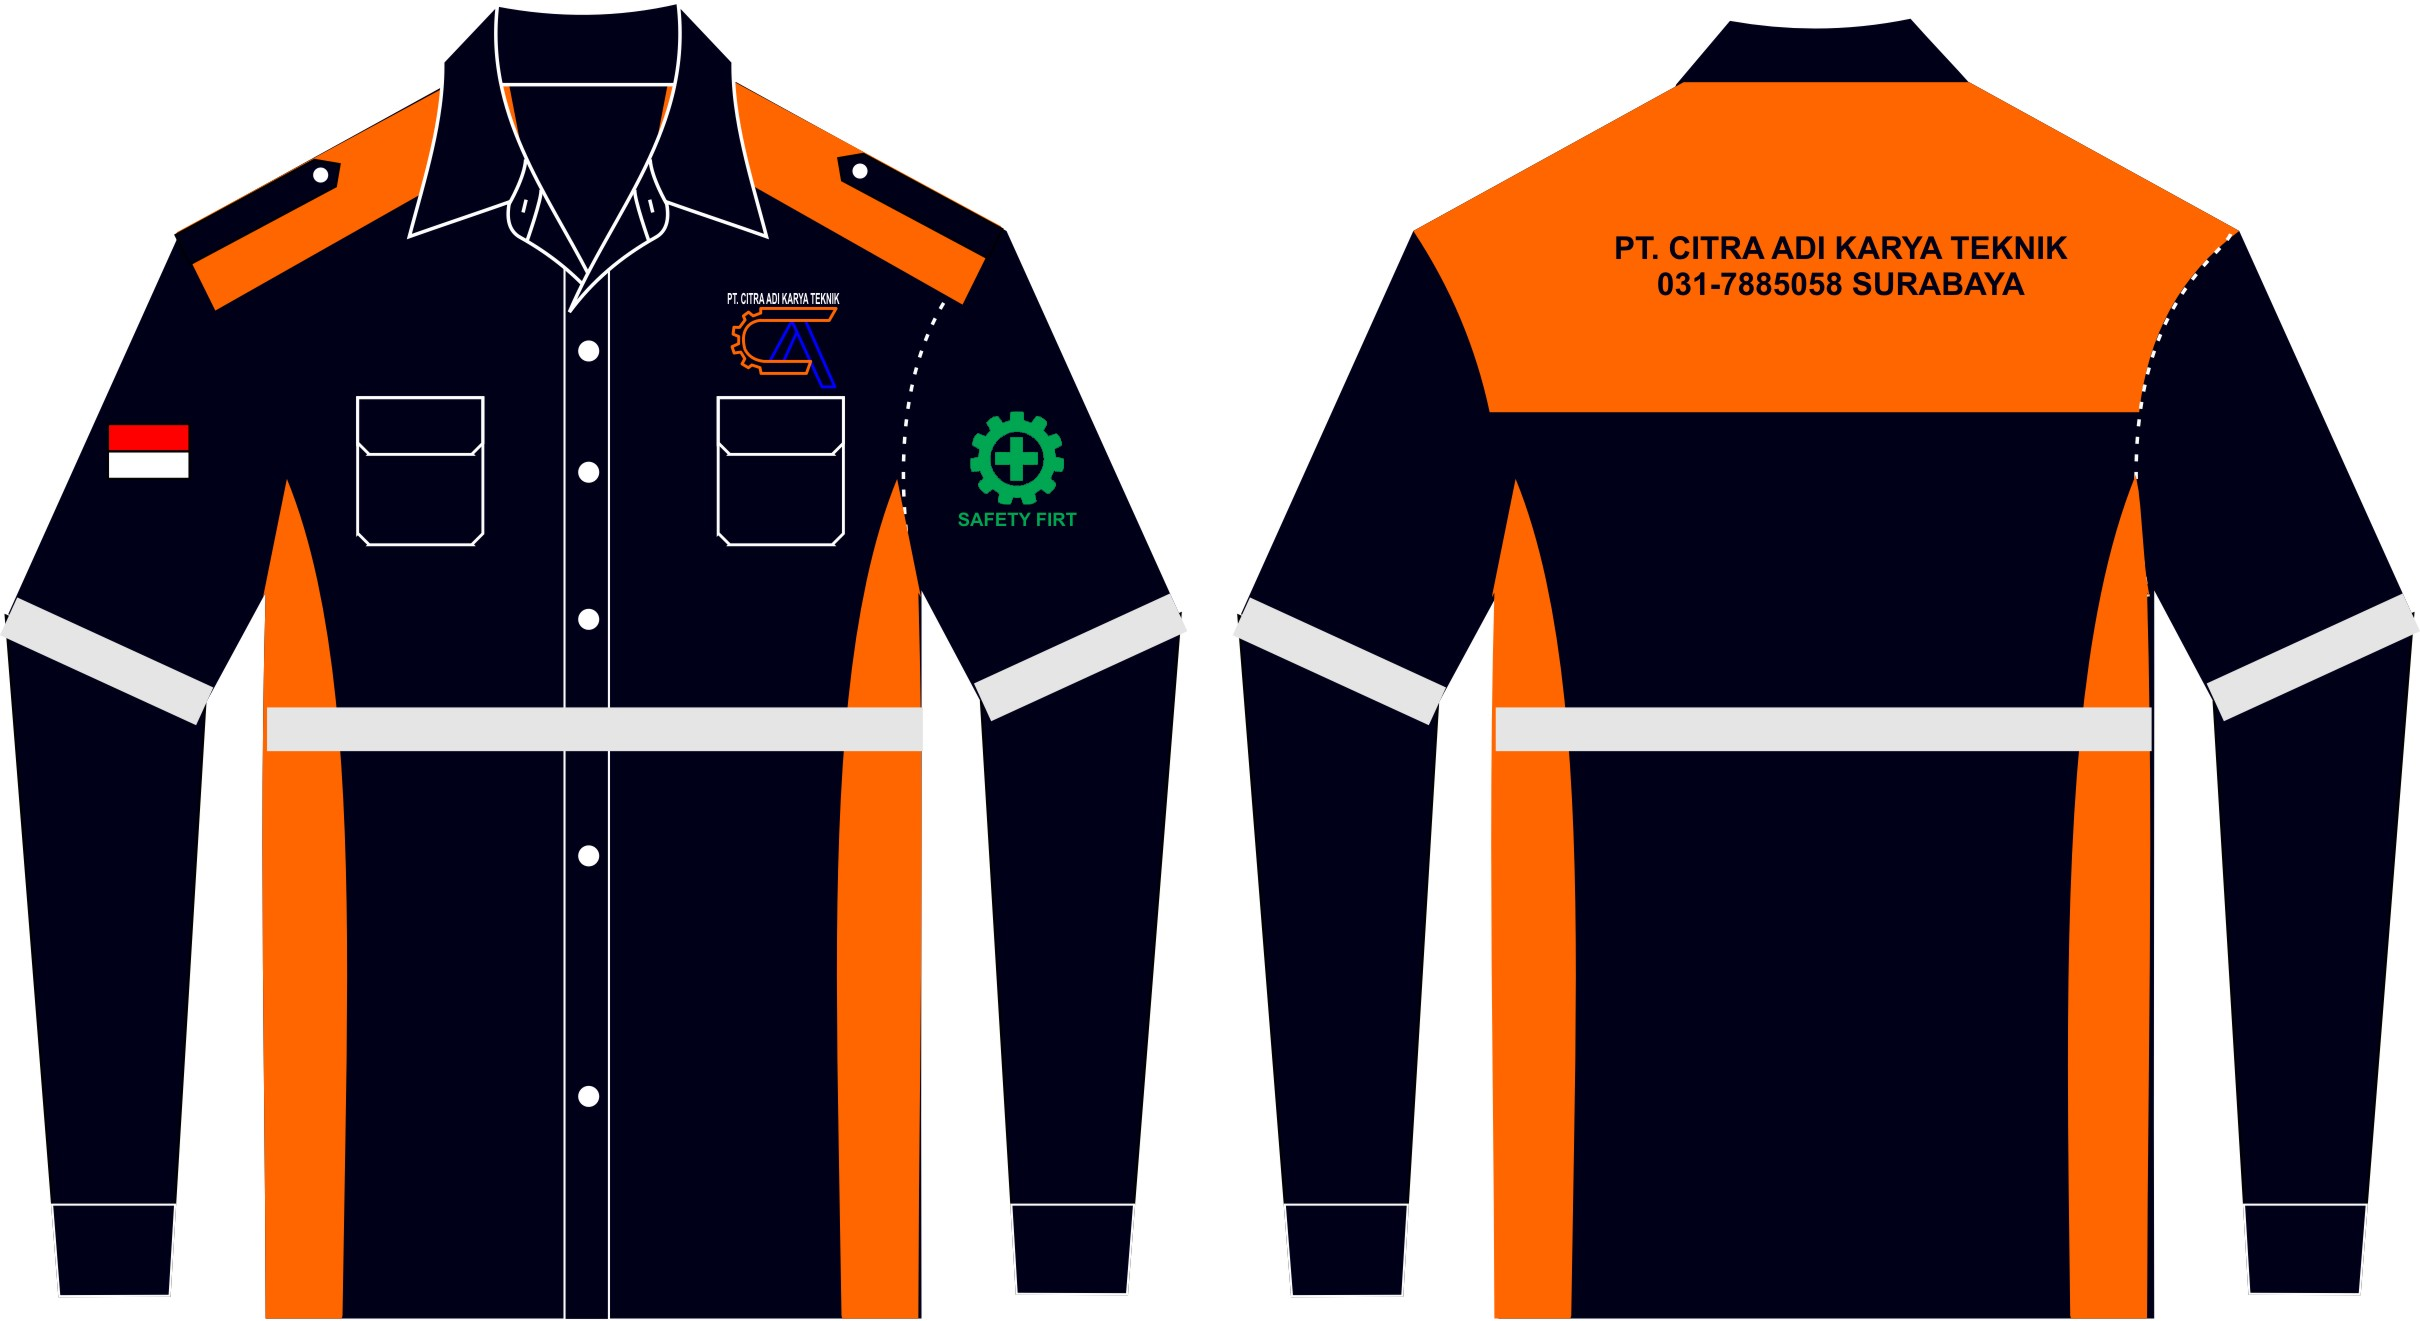 kemeja seragam lapangan safety